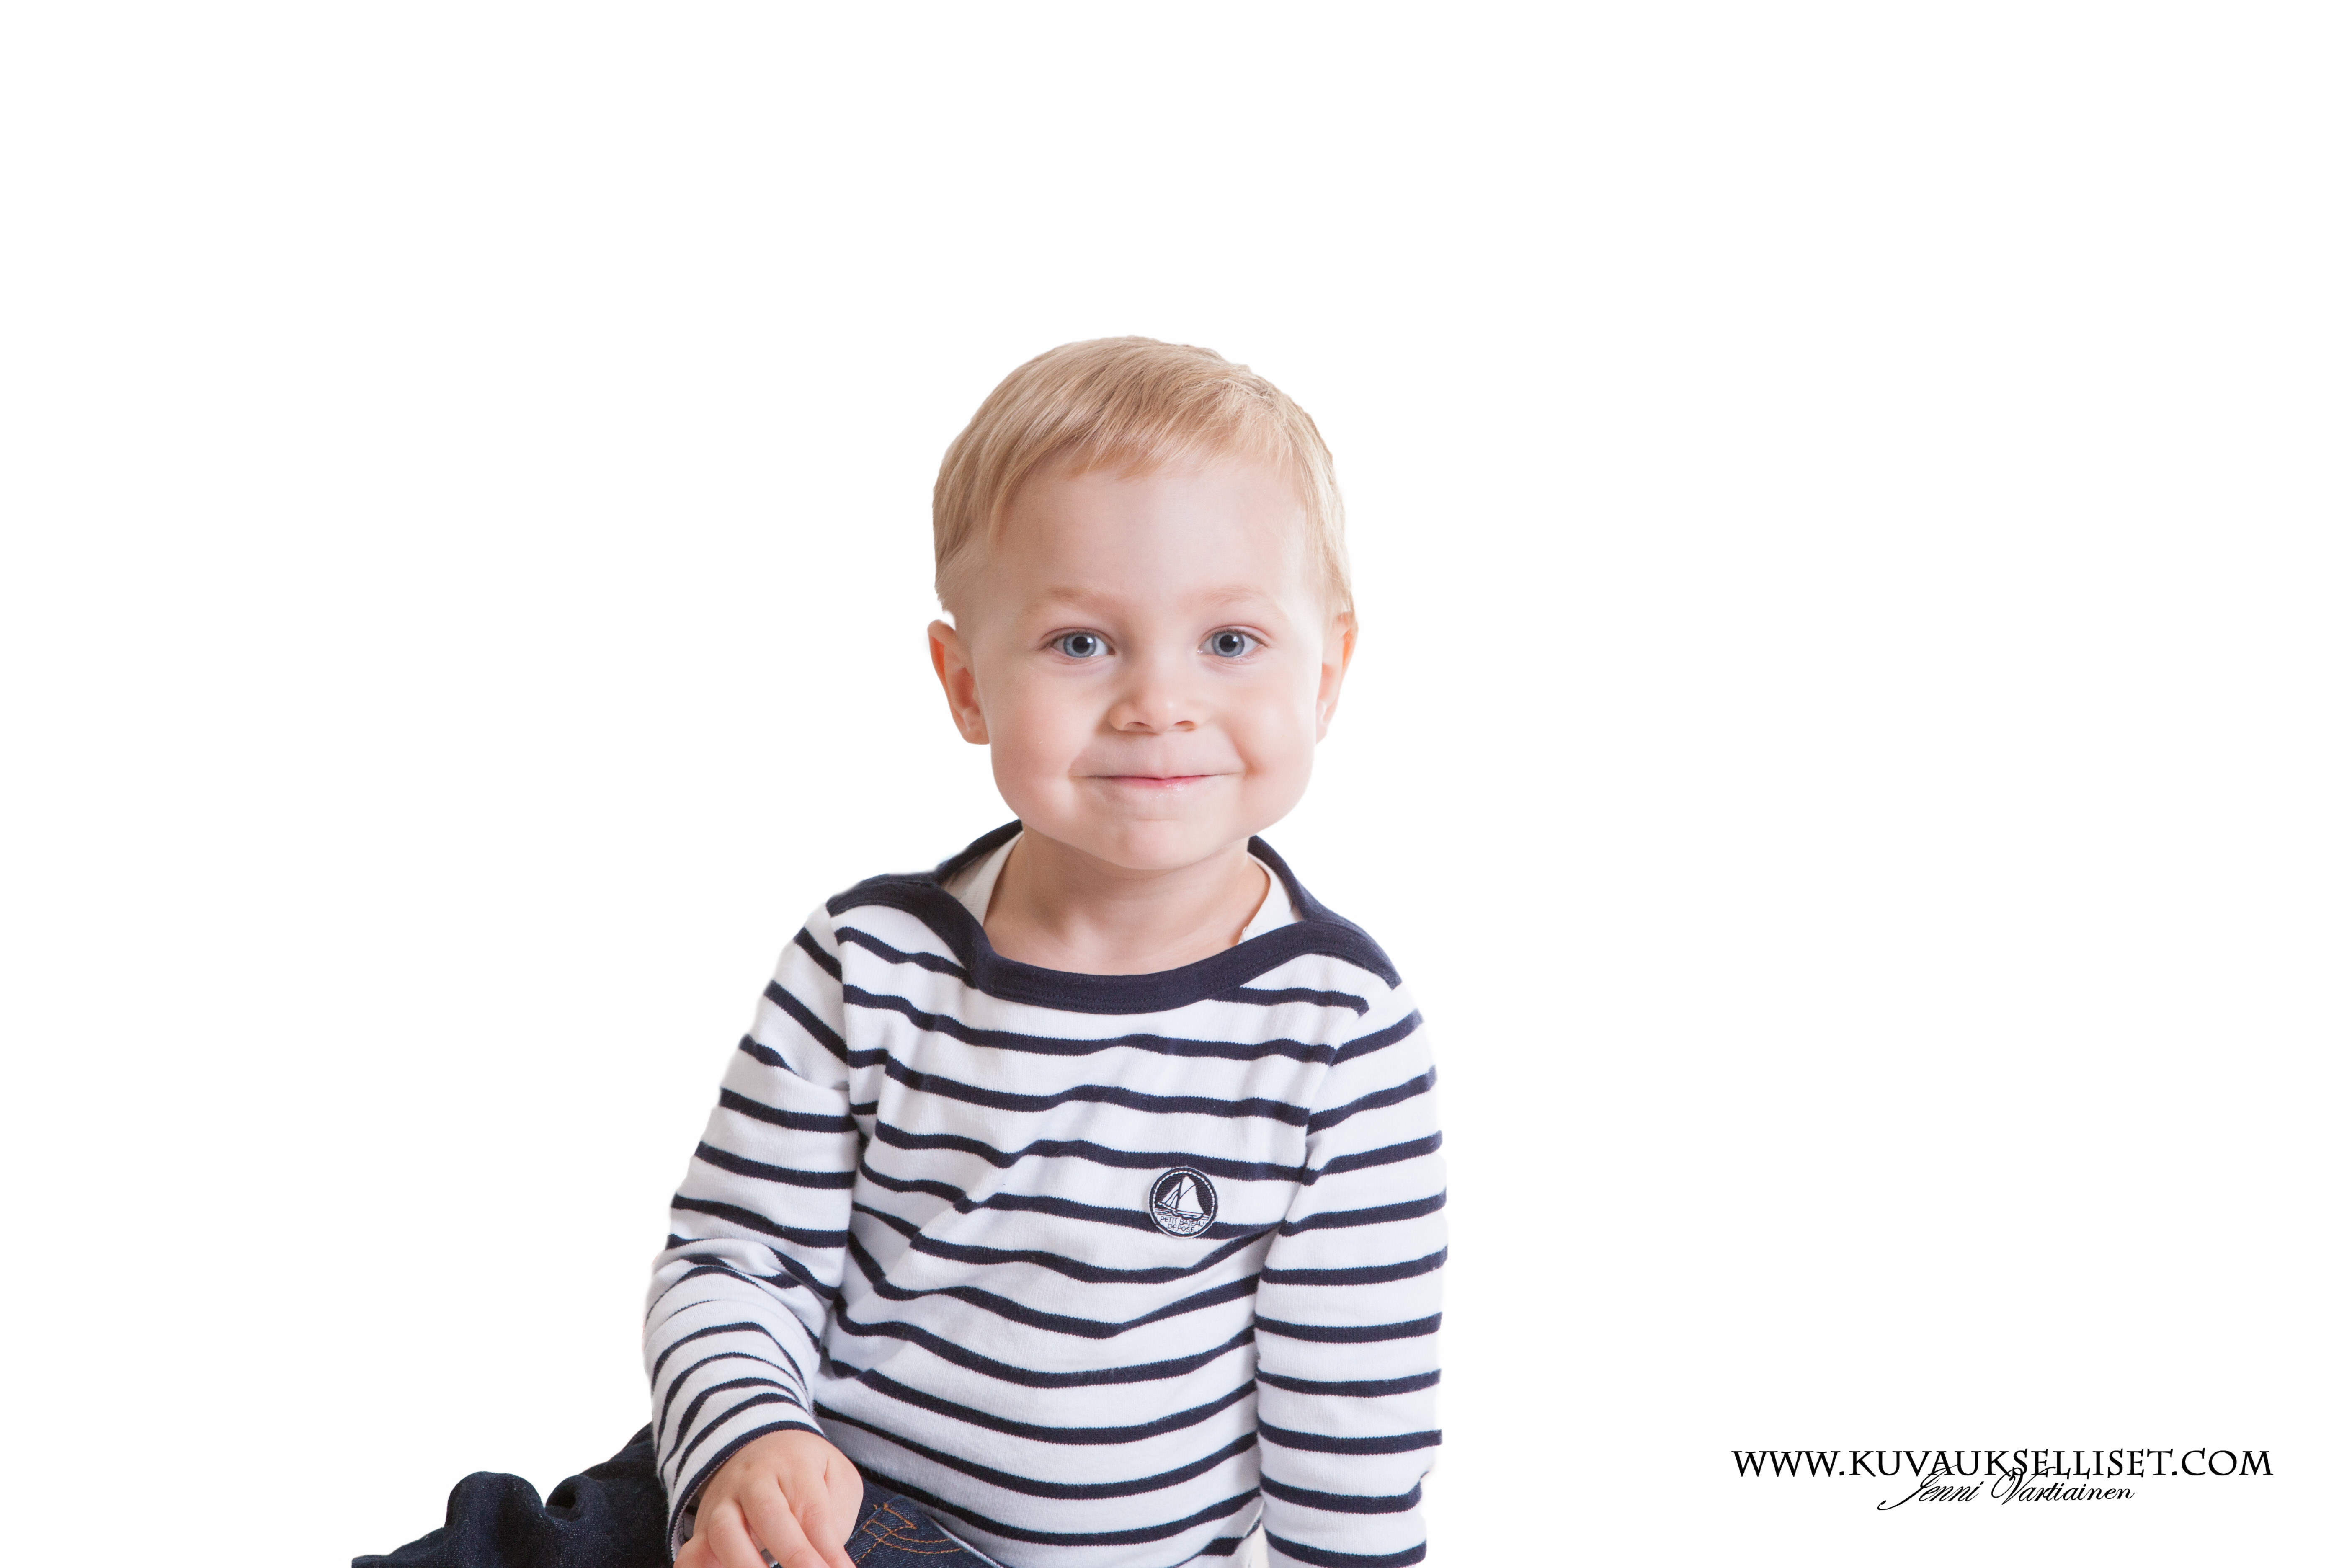 2014.10.6 1-vuotiskuvaus perhekuvaus lapsikuvaus miljöökuvaus perhekuvaus sisaruskuvaus family pictures päiväkotikuvaus-9